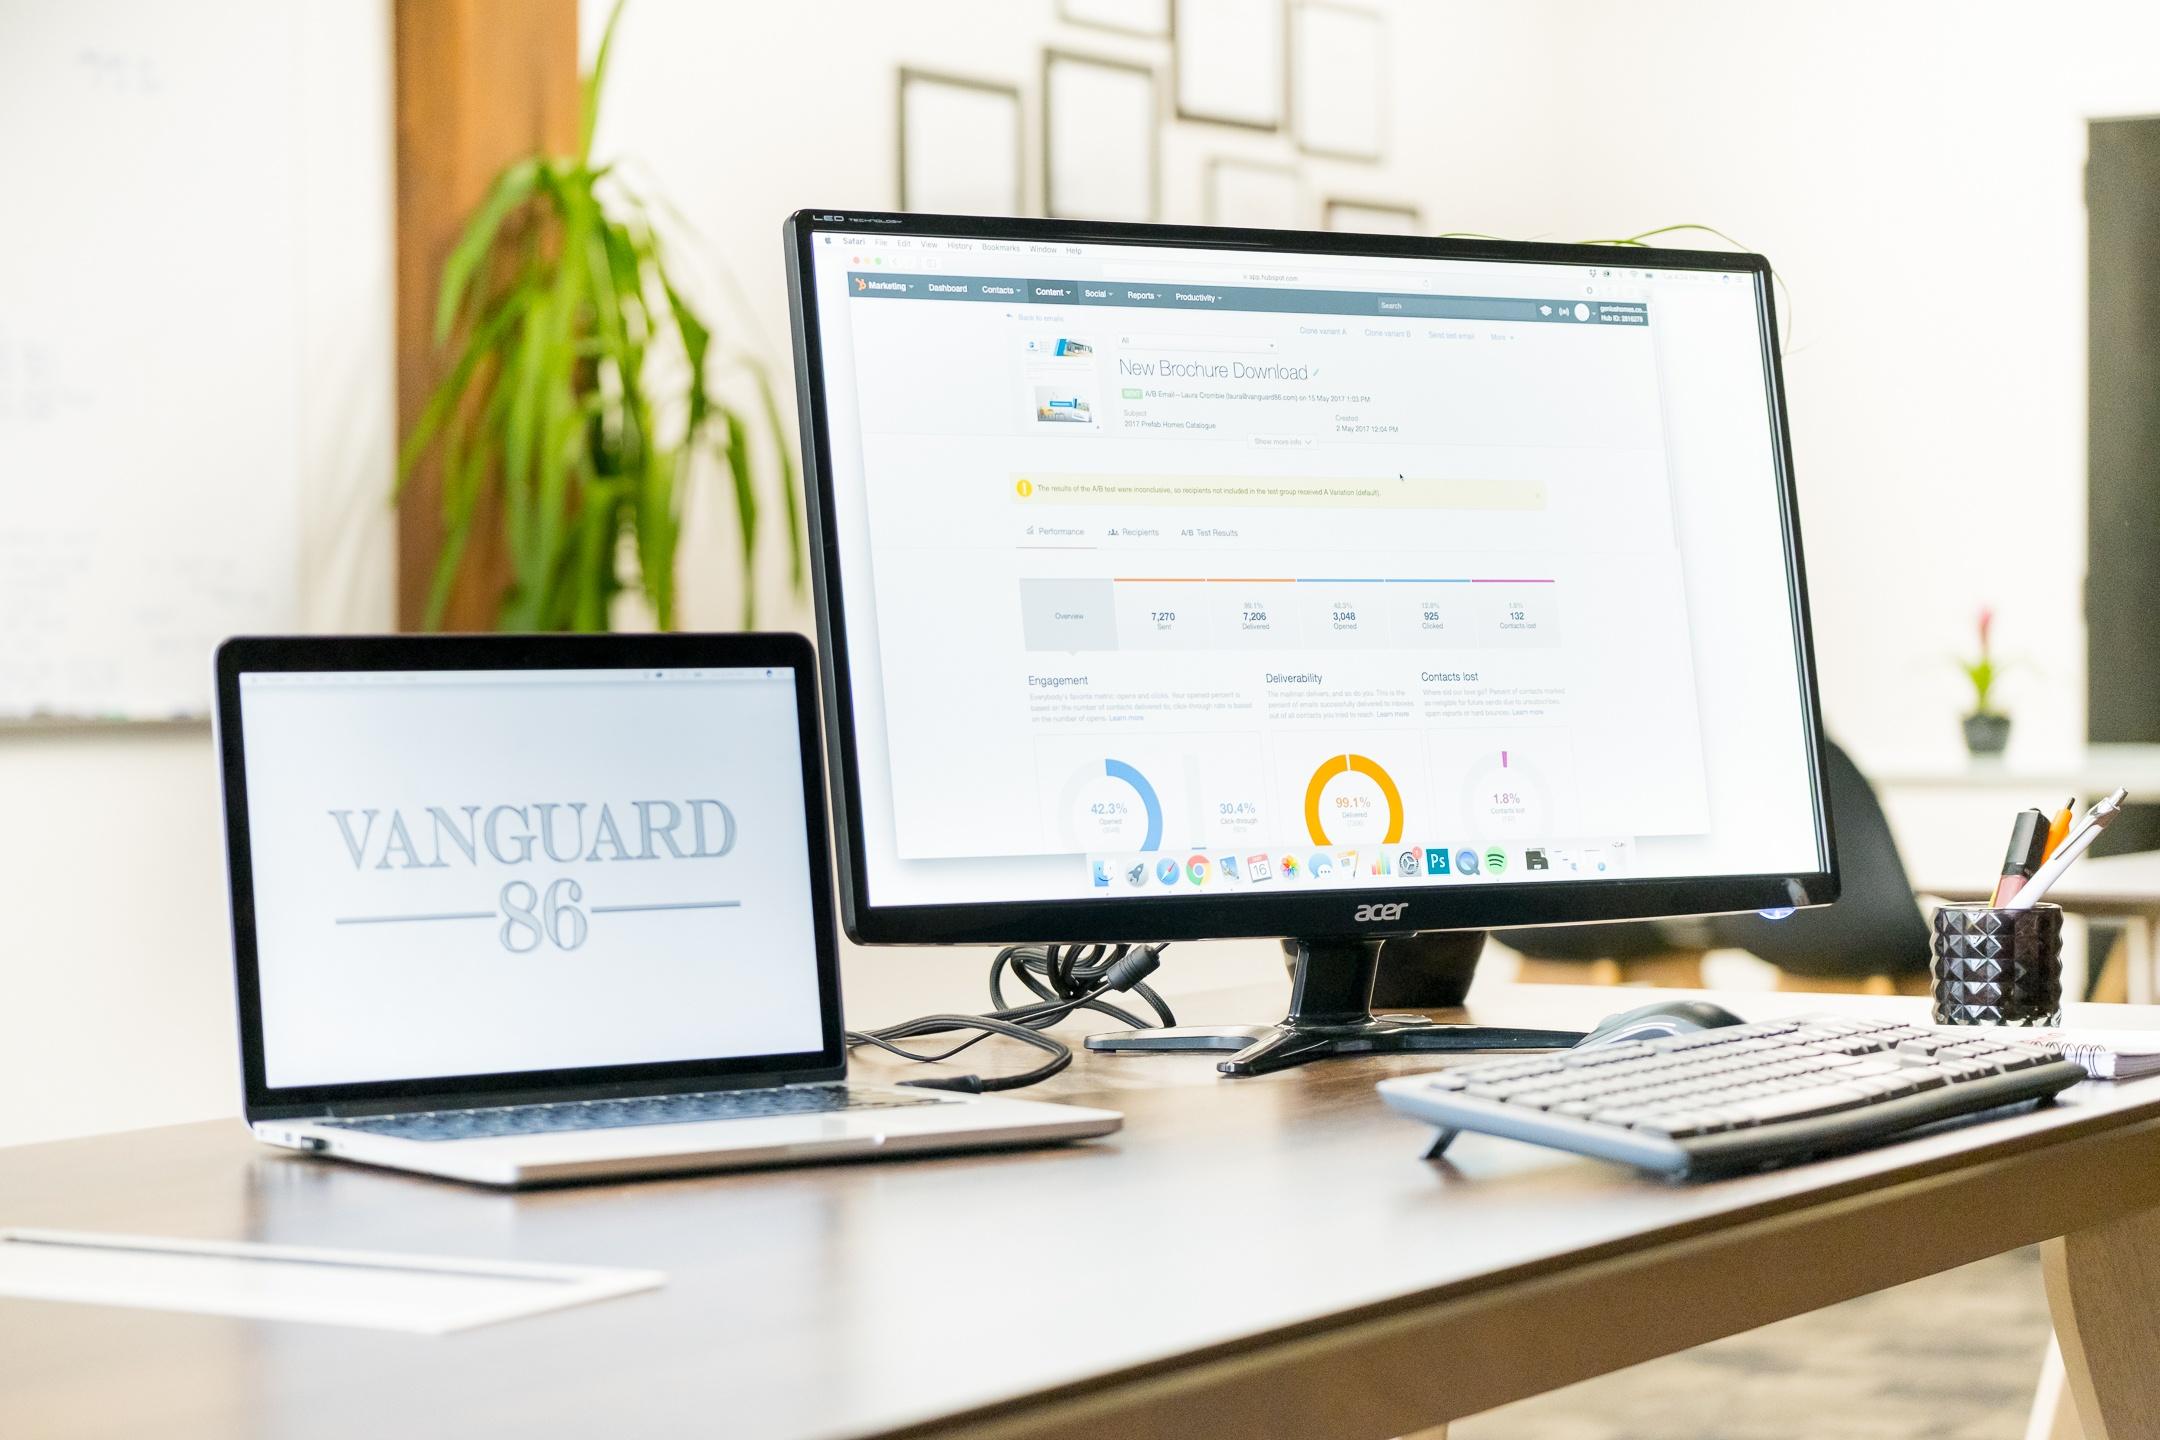 marketing management agency new zealand